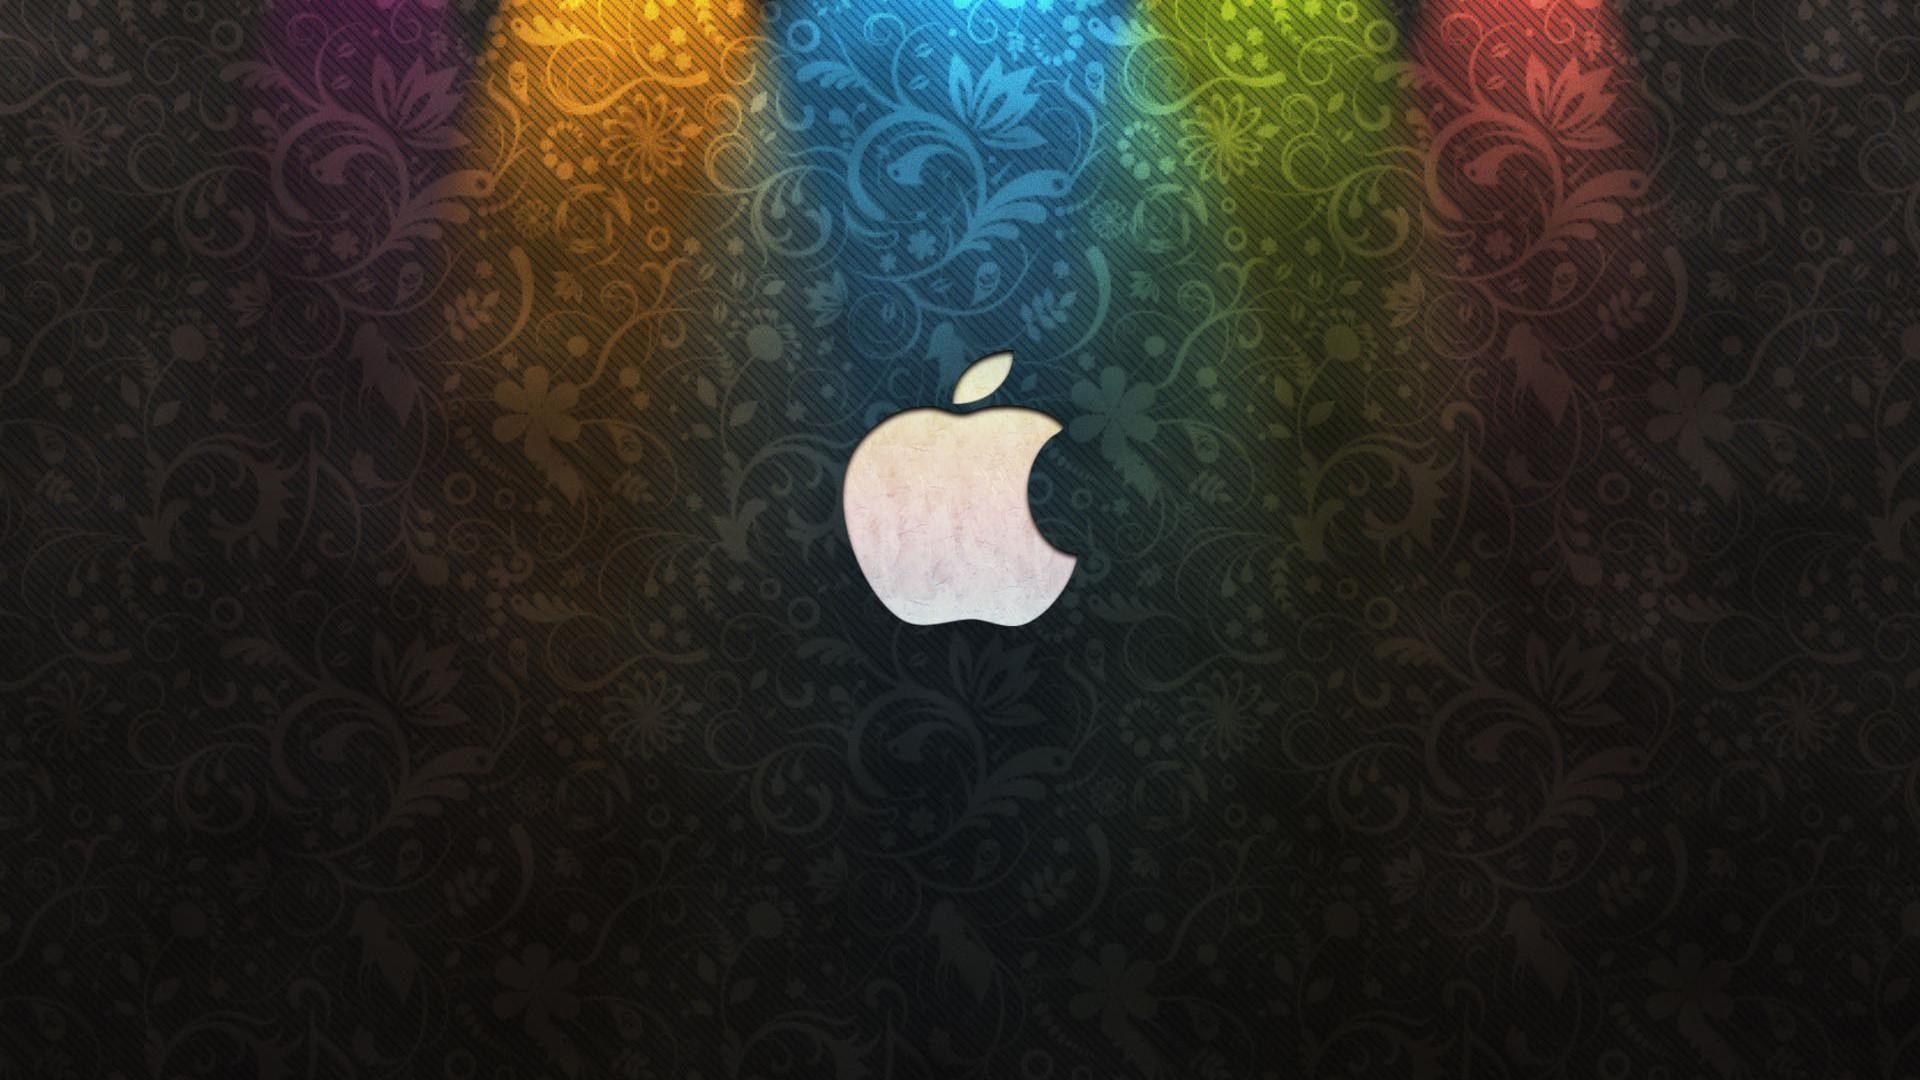 Top Wallpaper Mac 1080p - 5f5499b9d3d05d0bb5e54398b34acd6f  Picture_799660.jpg